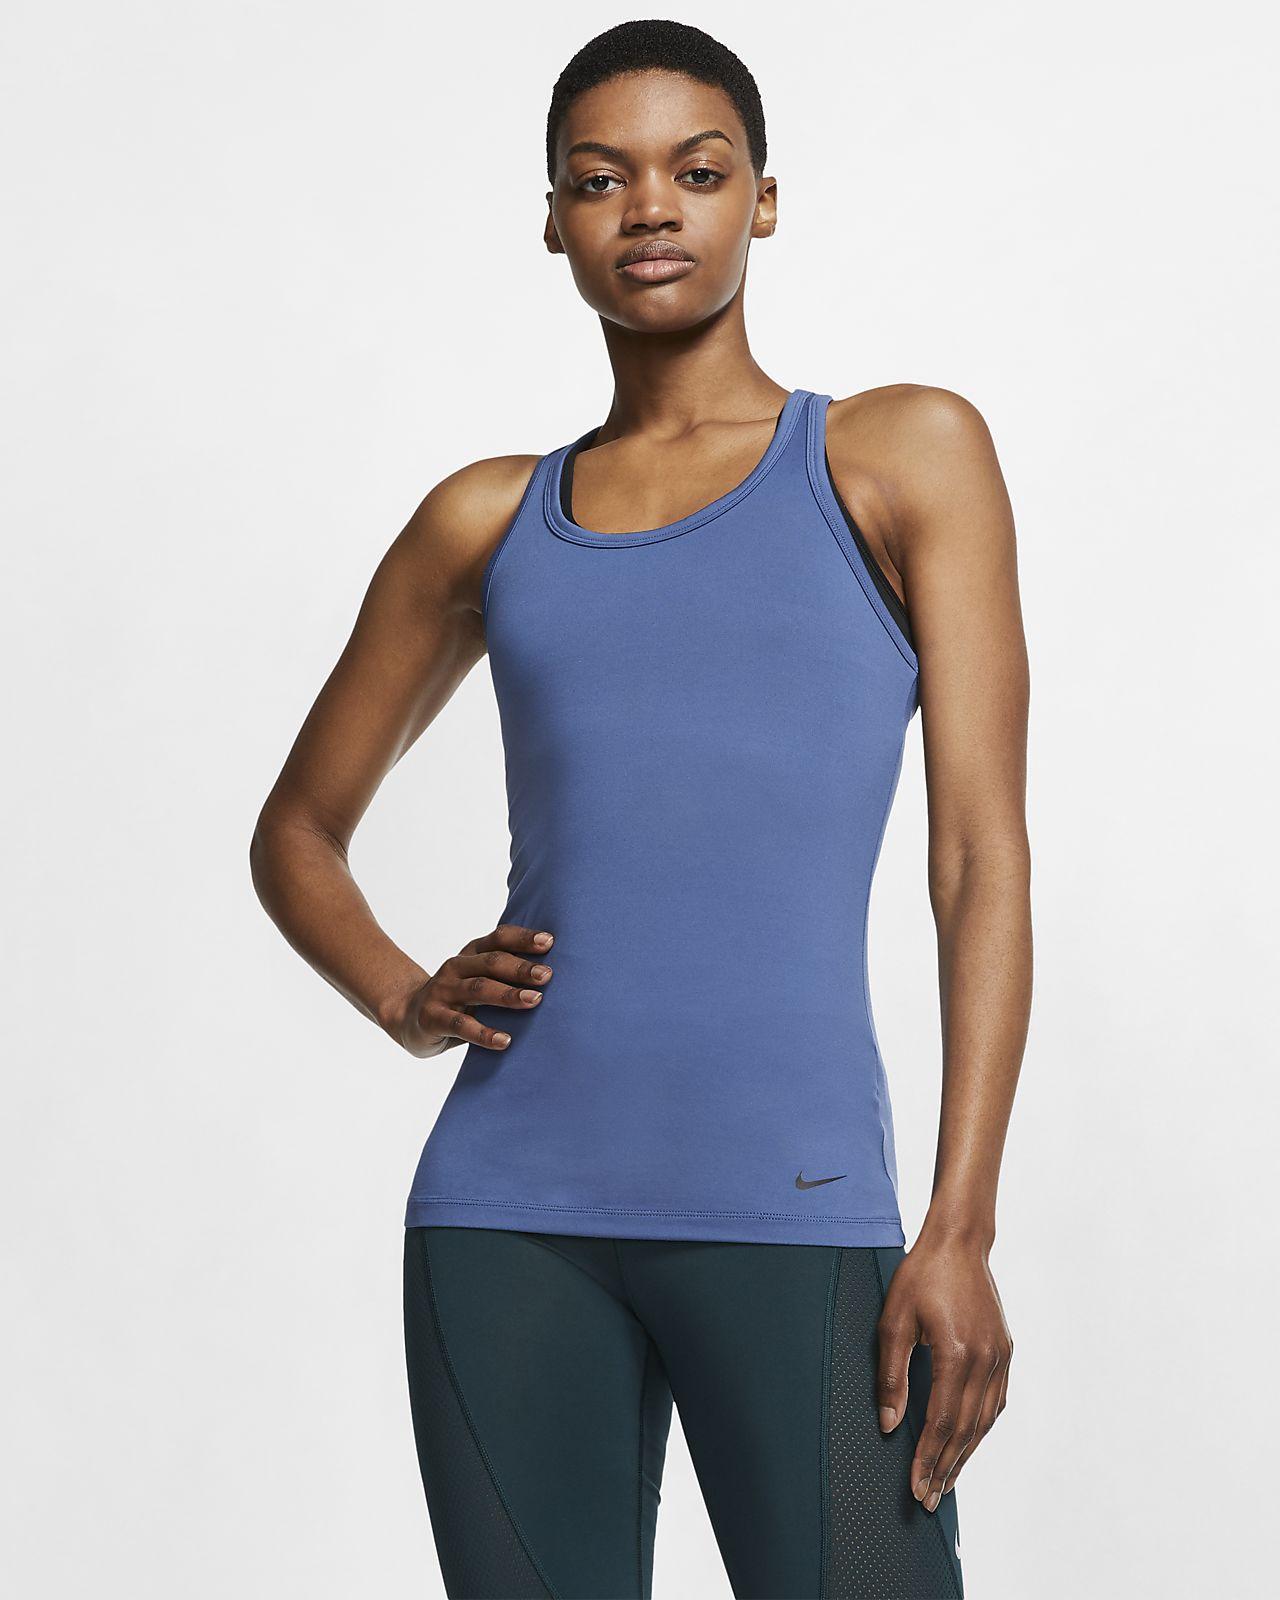 Nike Get Fit Camiseta de tirantes de entrenamiento de yoga - Mujer